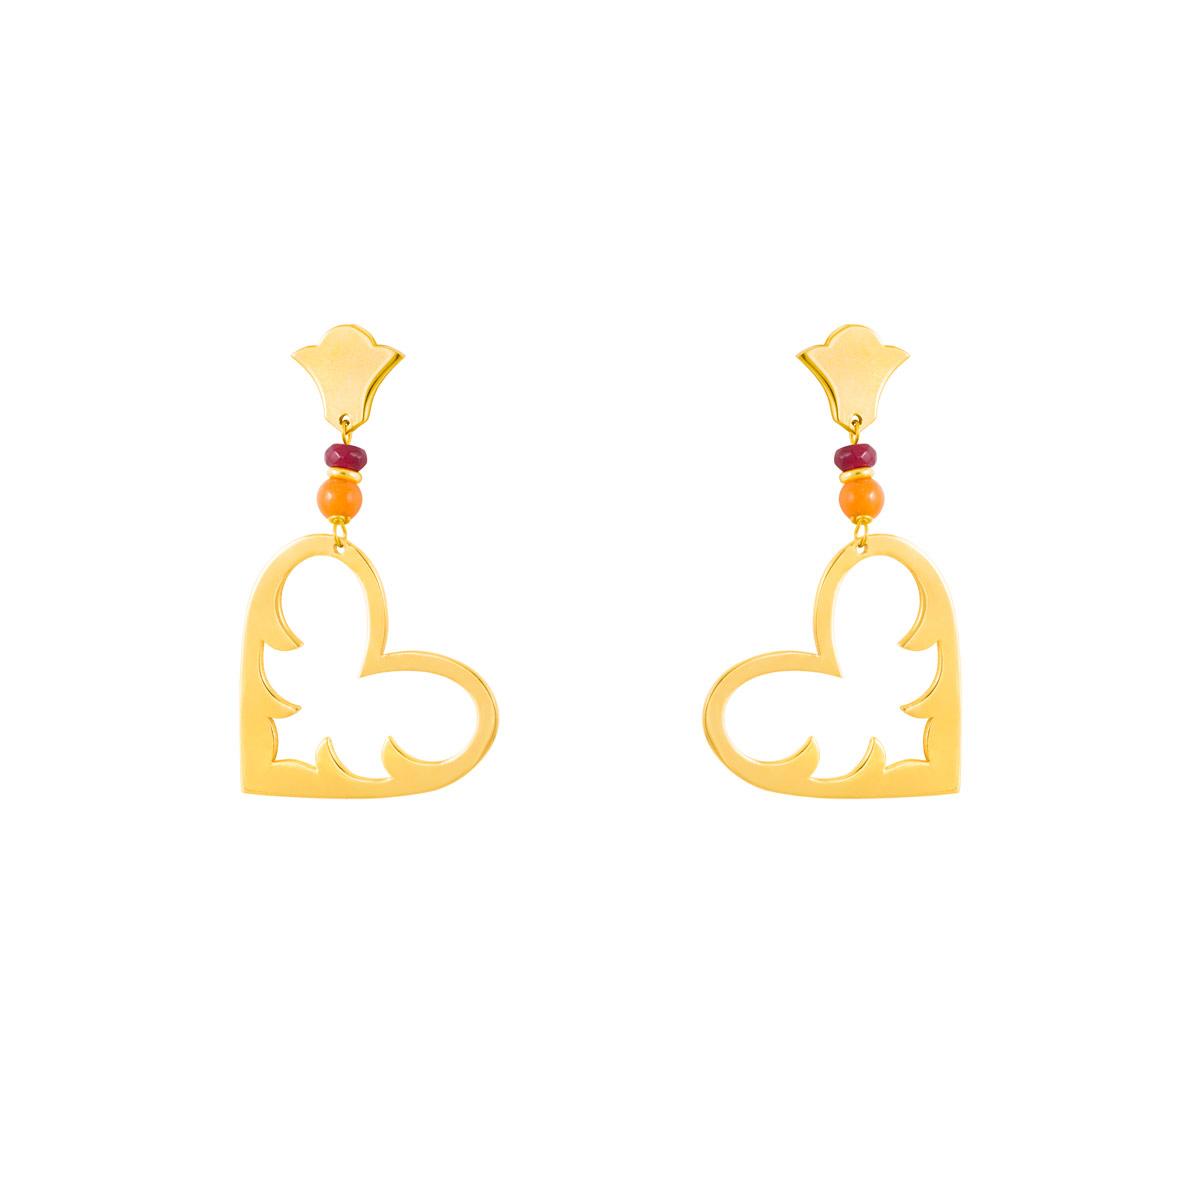 گوشواره طلا شانتی|parasteh